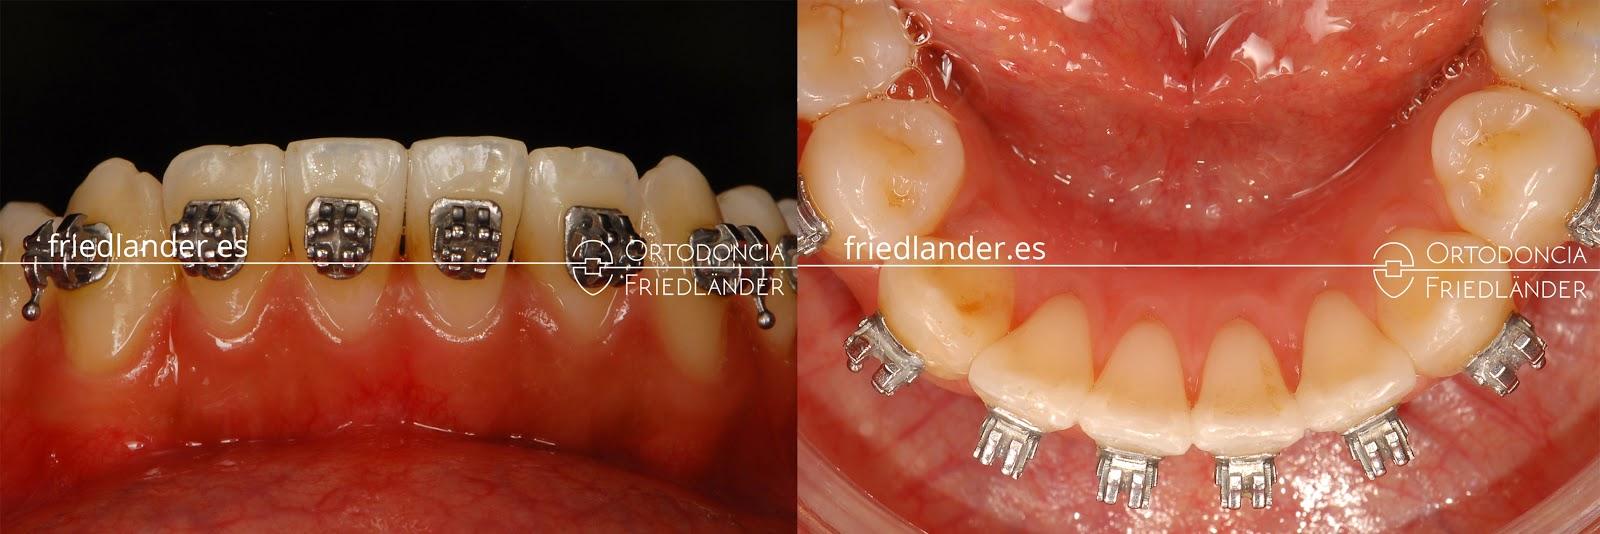 """""""Stripping"""" o reducción interproximal del esmalte para ganar espacio en ortodoncia 12"""